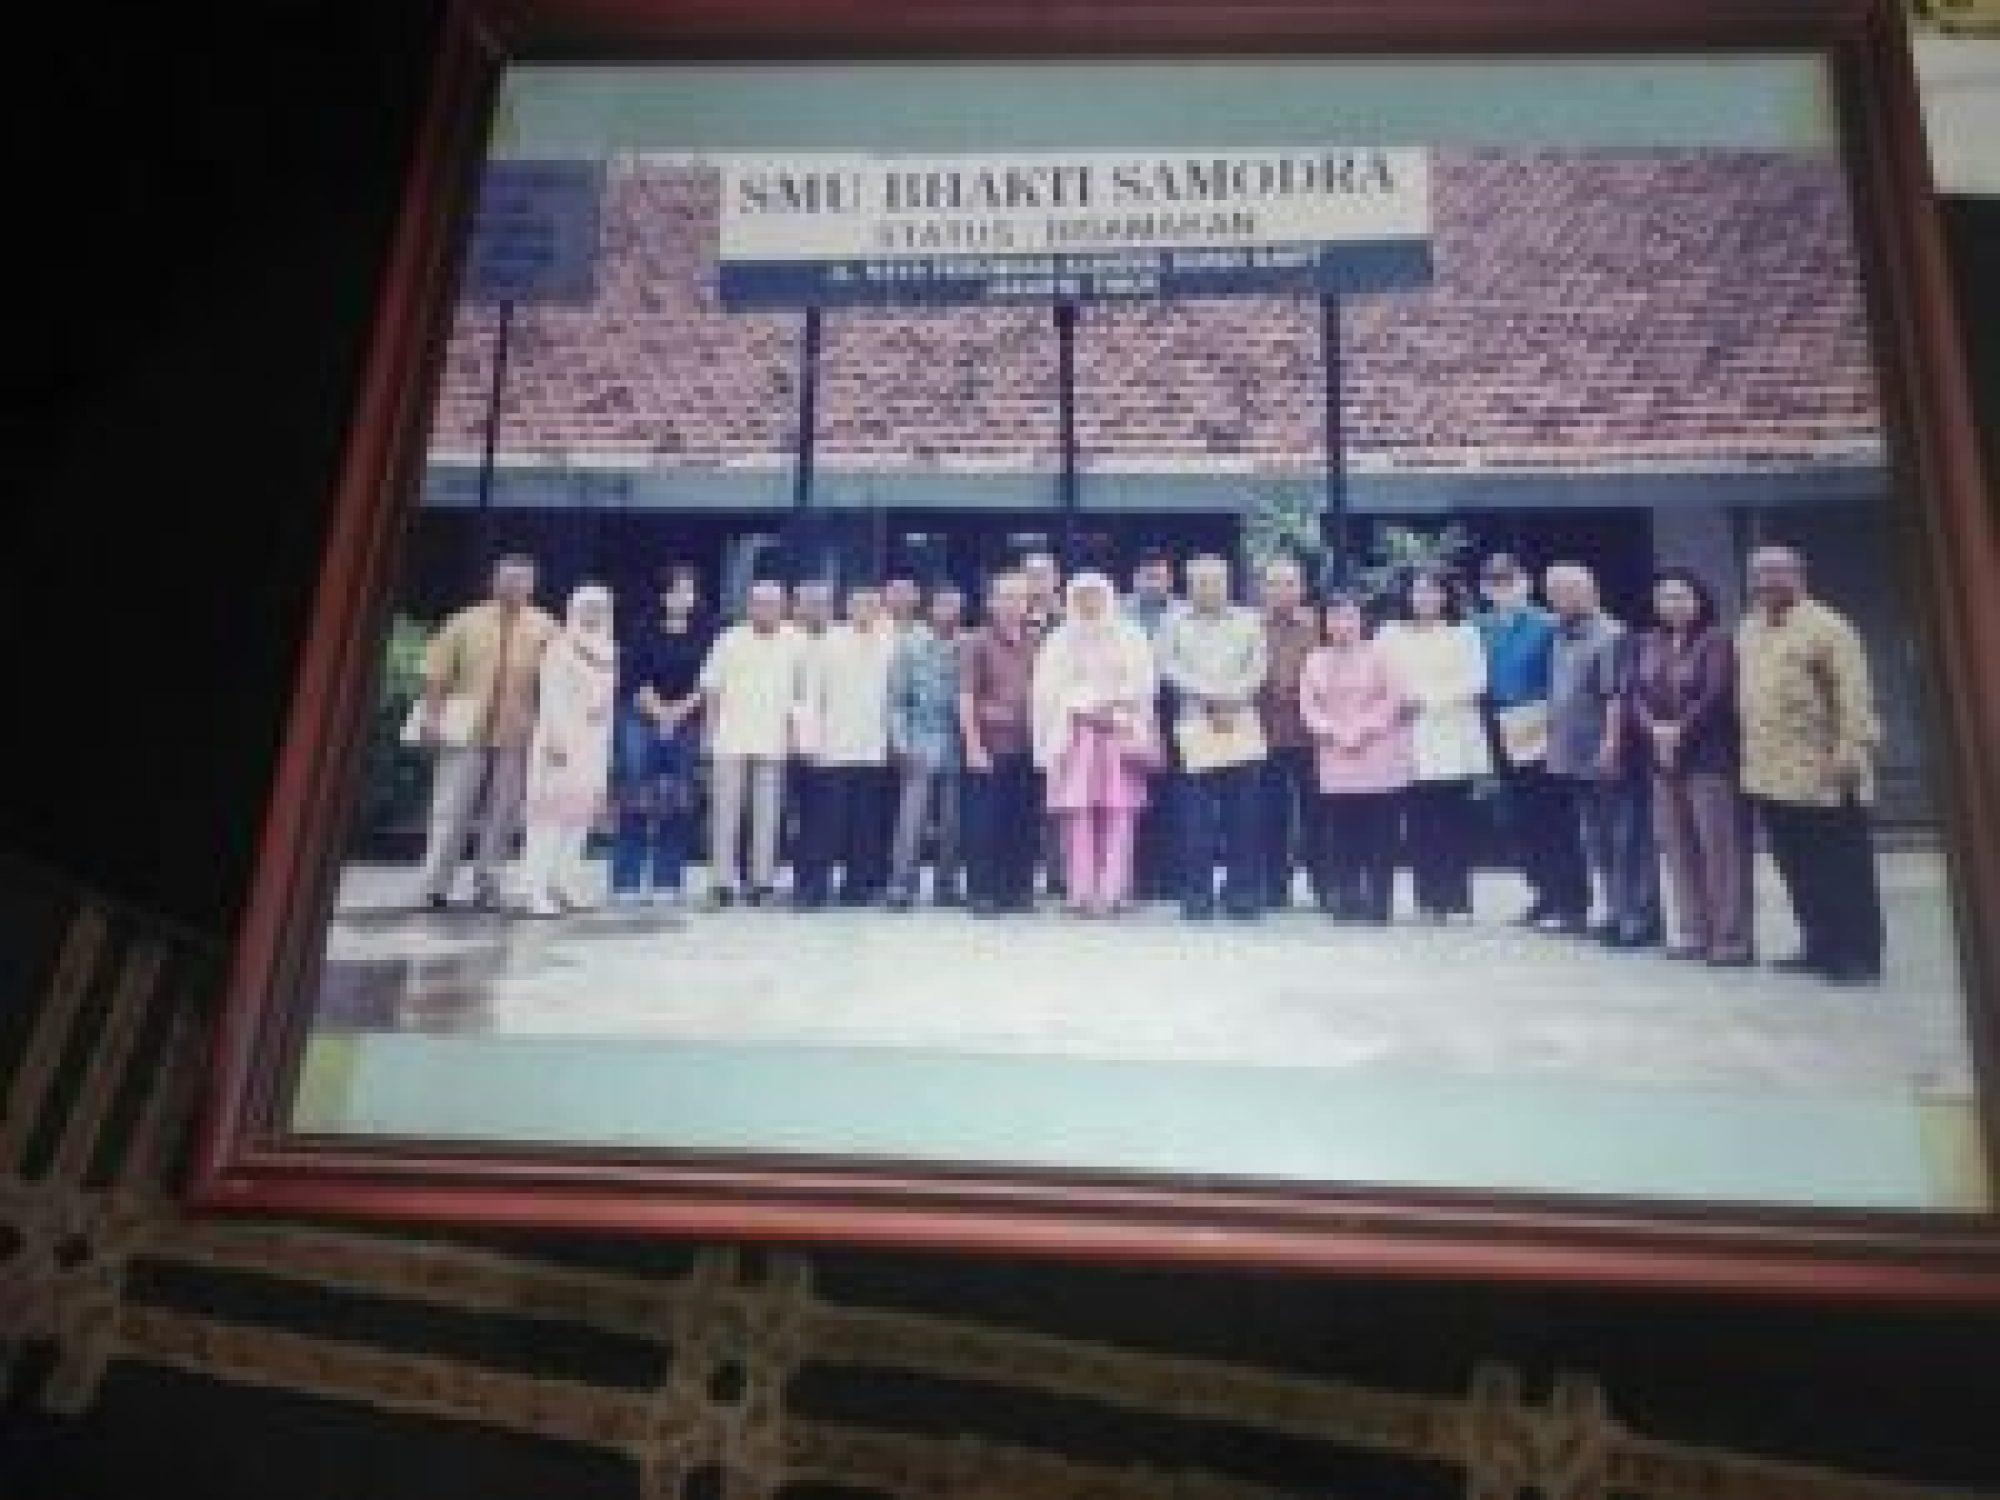 PSC Korda Jakarta Timur